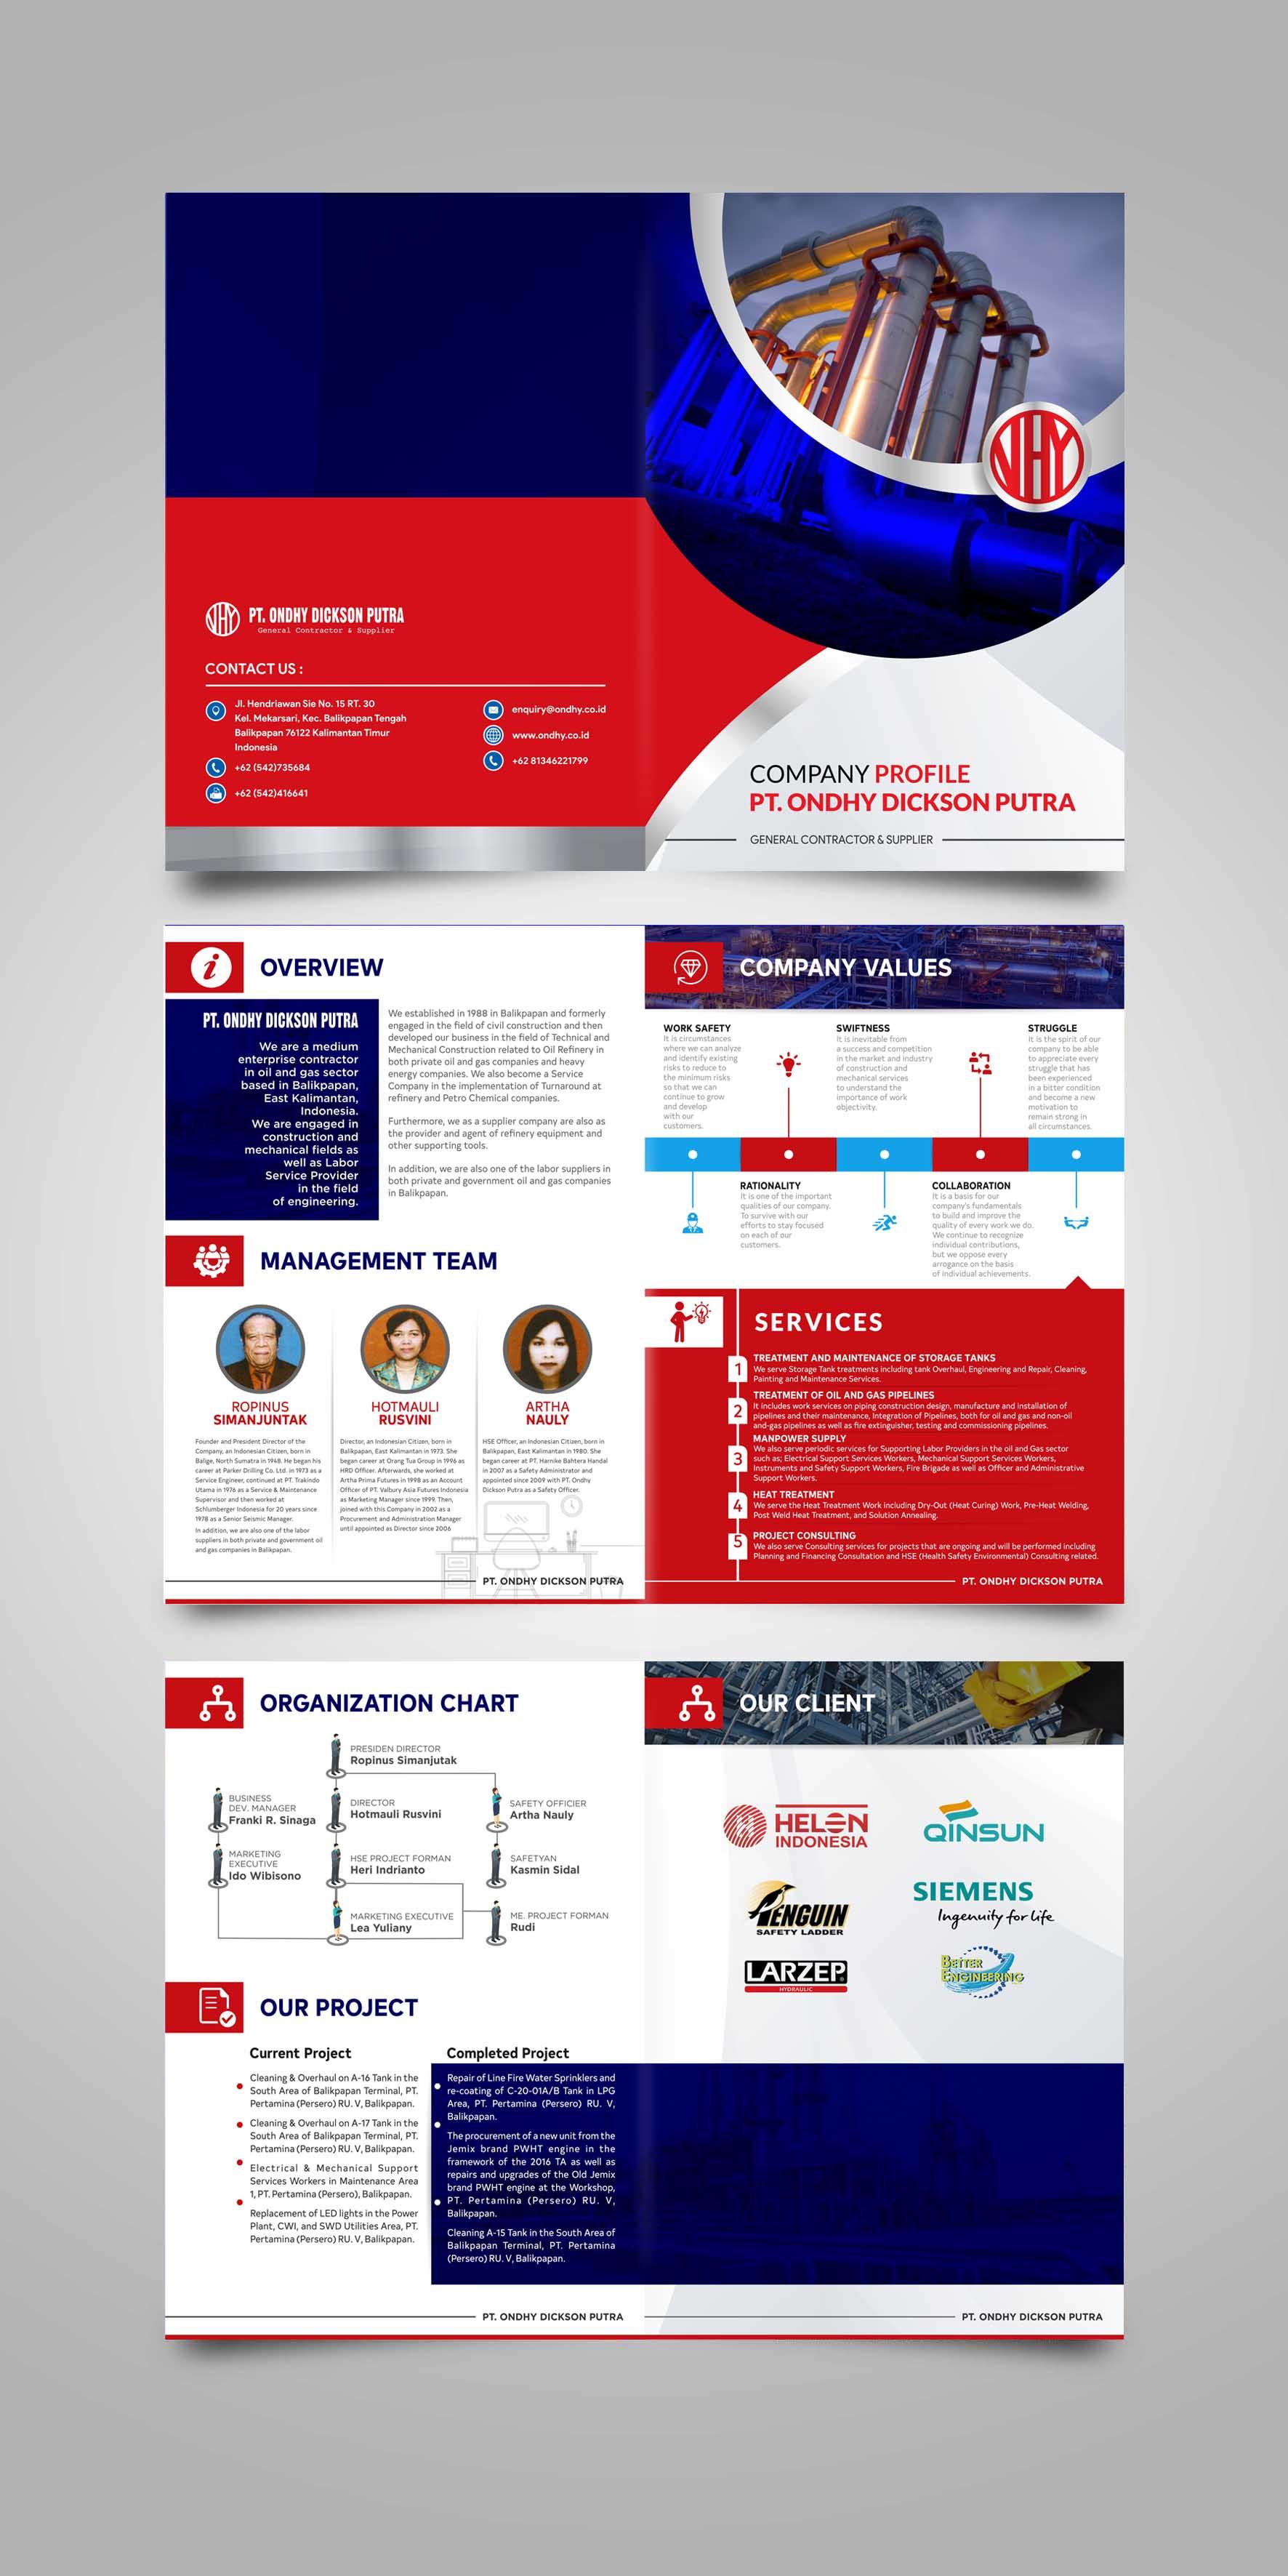 Sribu: Company Profile Design - Design Company Profile Ondhy